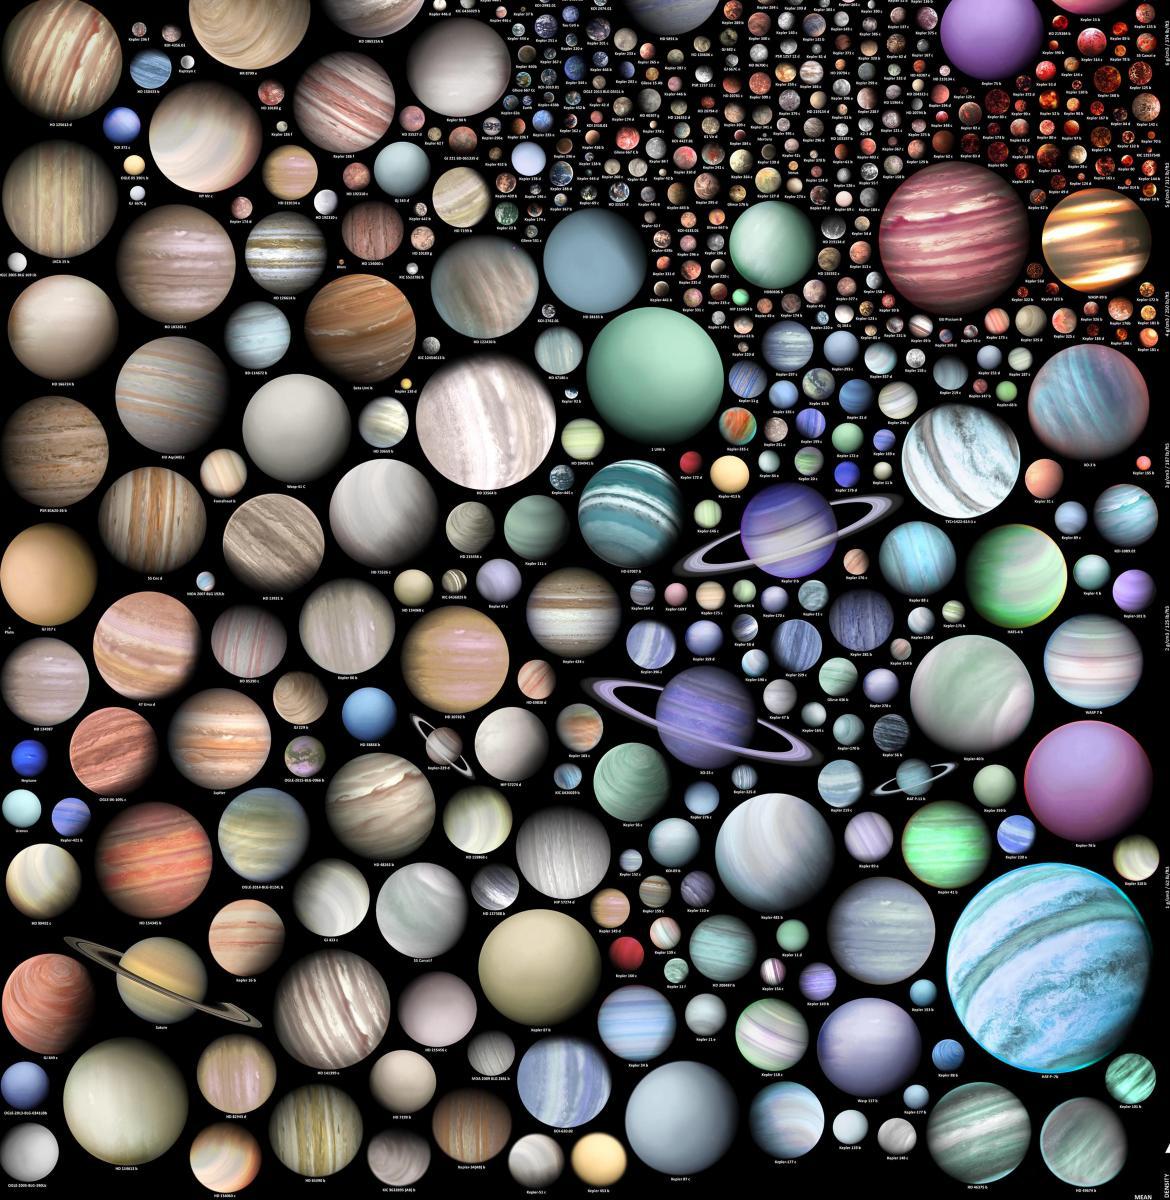 A pesar de la casi infinita variedad de mundos que hemos descubierto allá afuera, muy pocos de ellos han sido observados directamente.  Casi todos fueron descubiertos escondidos en la luz de sus estrellas anfitrionas (Crédito: Martin Vargic, versión completa del Poster: http://time.com/4098635/500-exoplanets-chart)